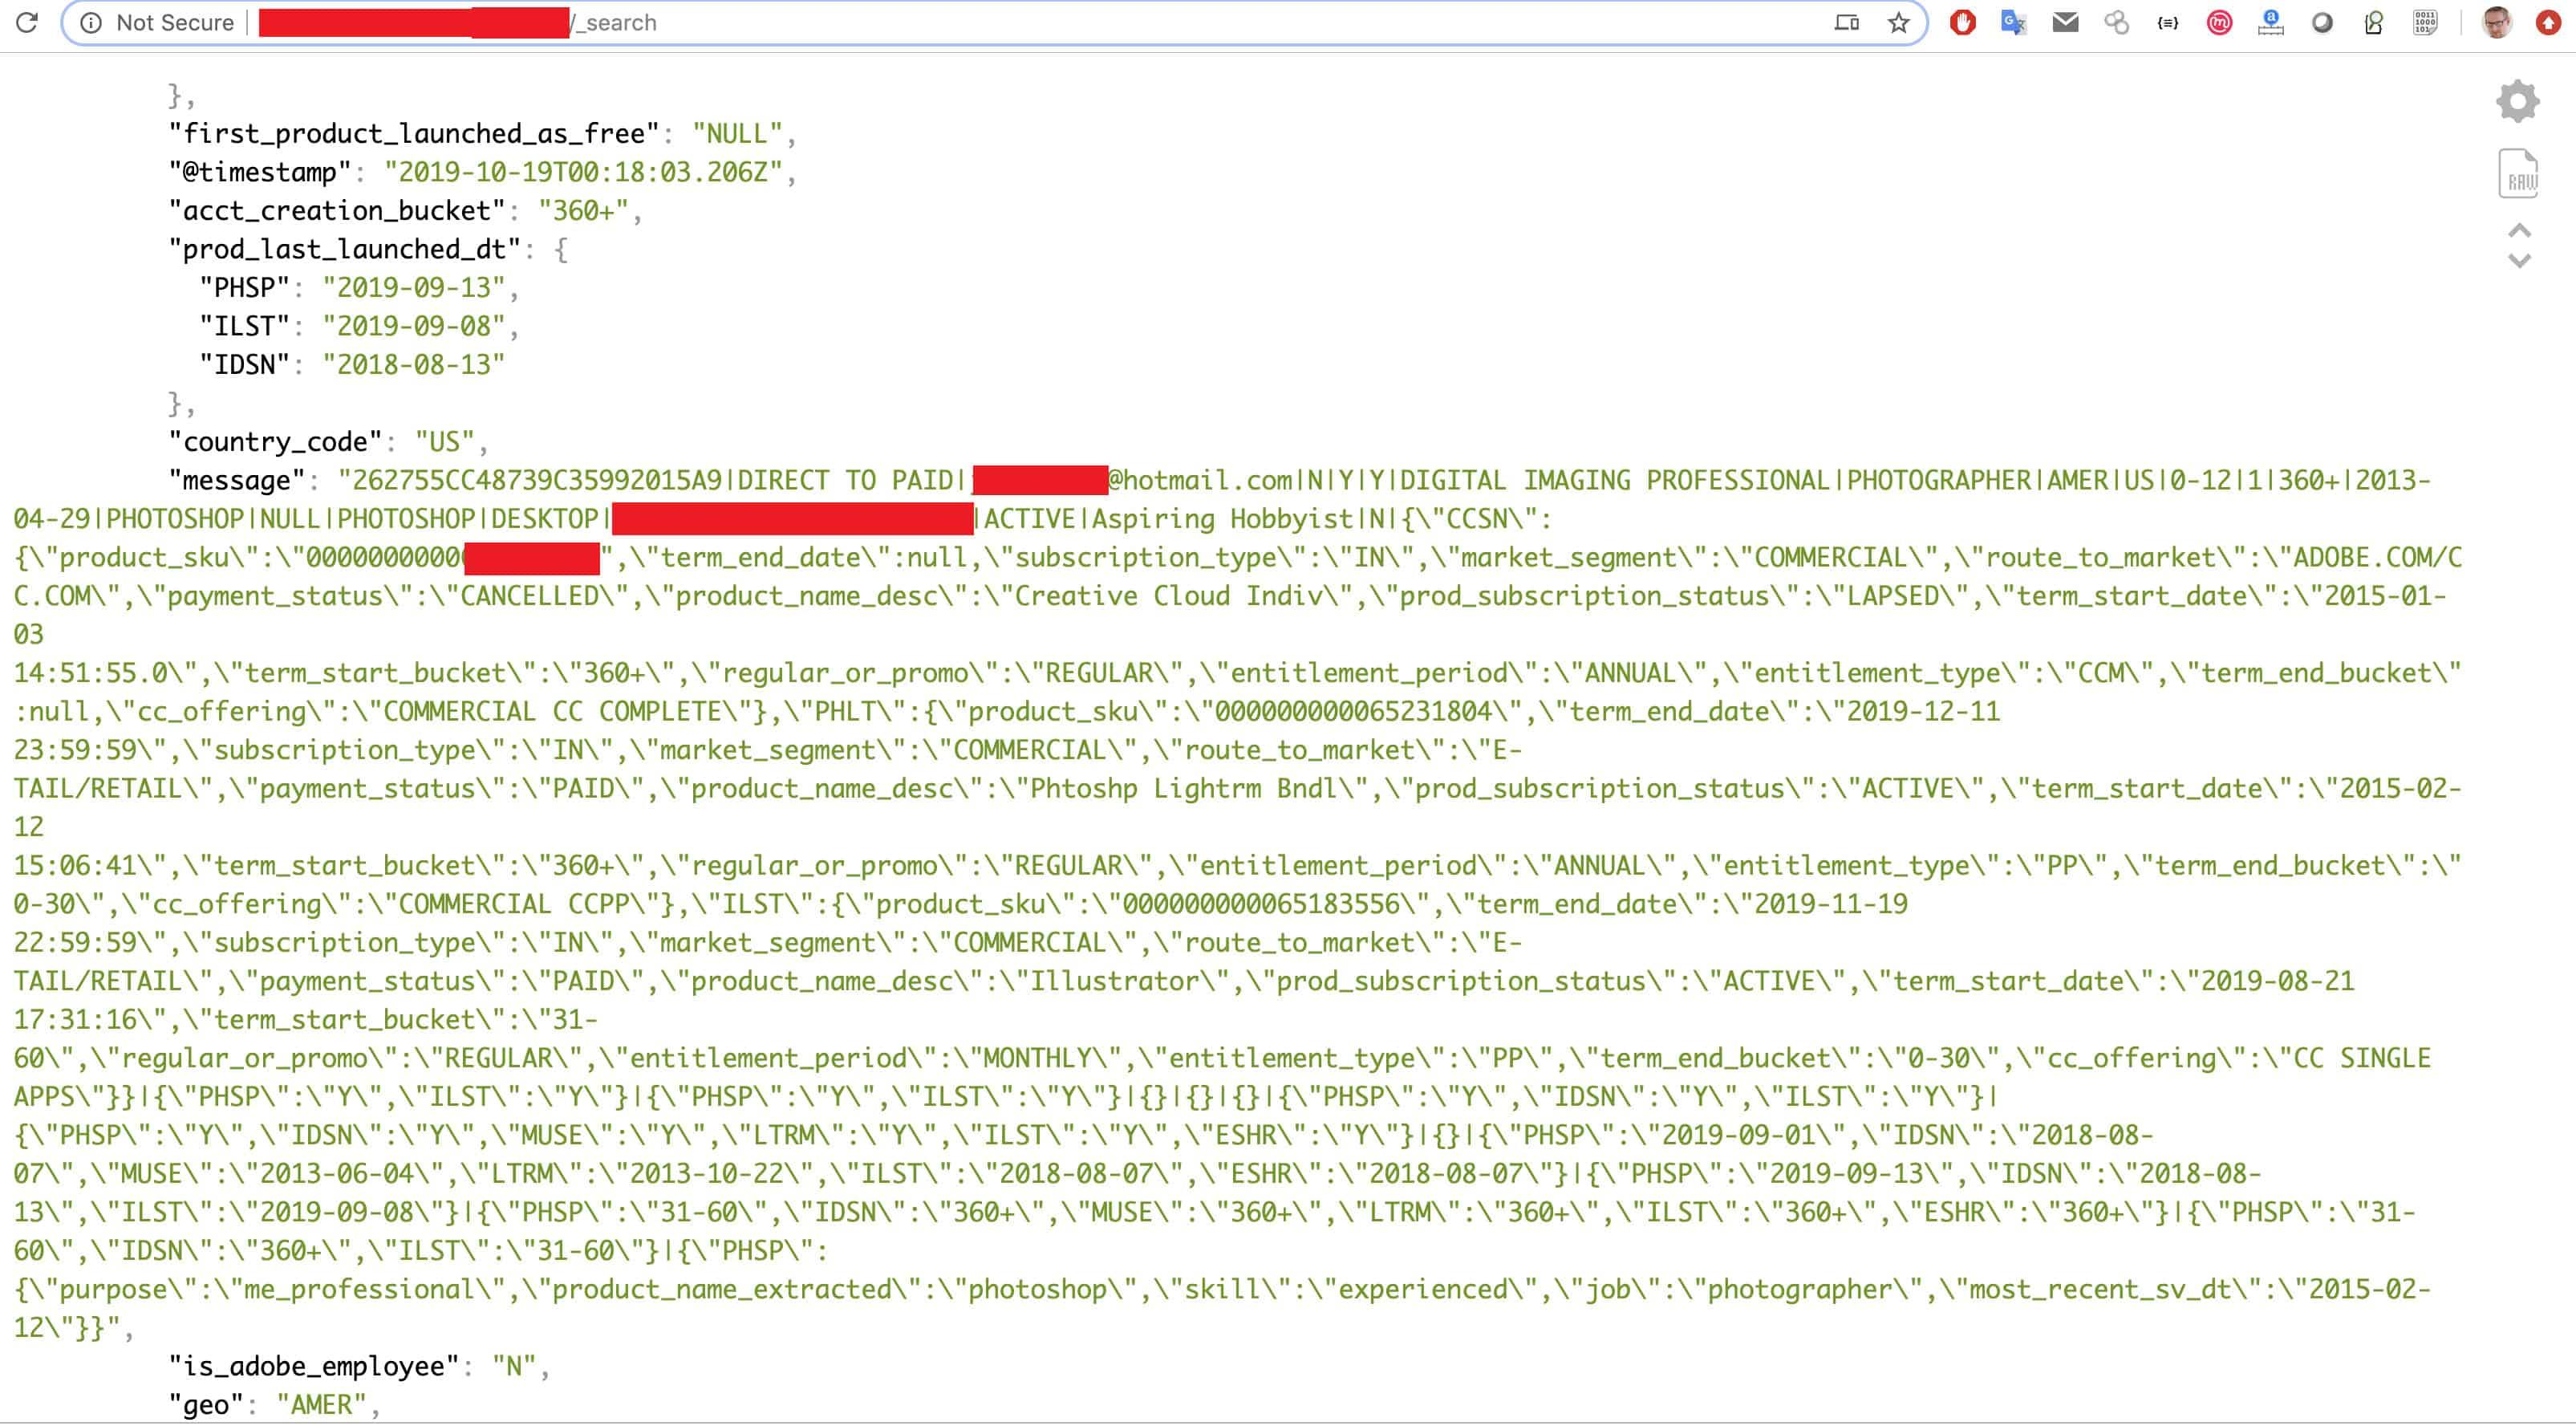 Adobe Creative Cloud-Daten